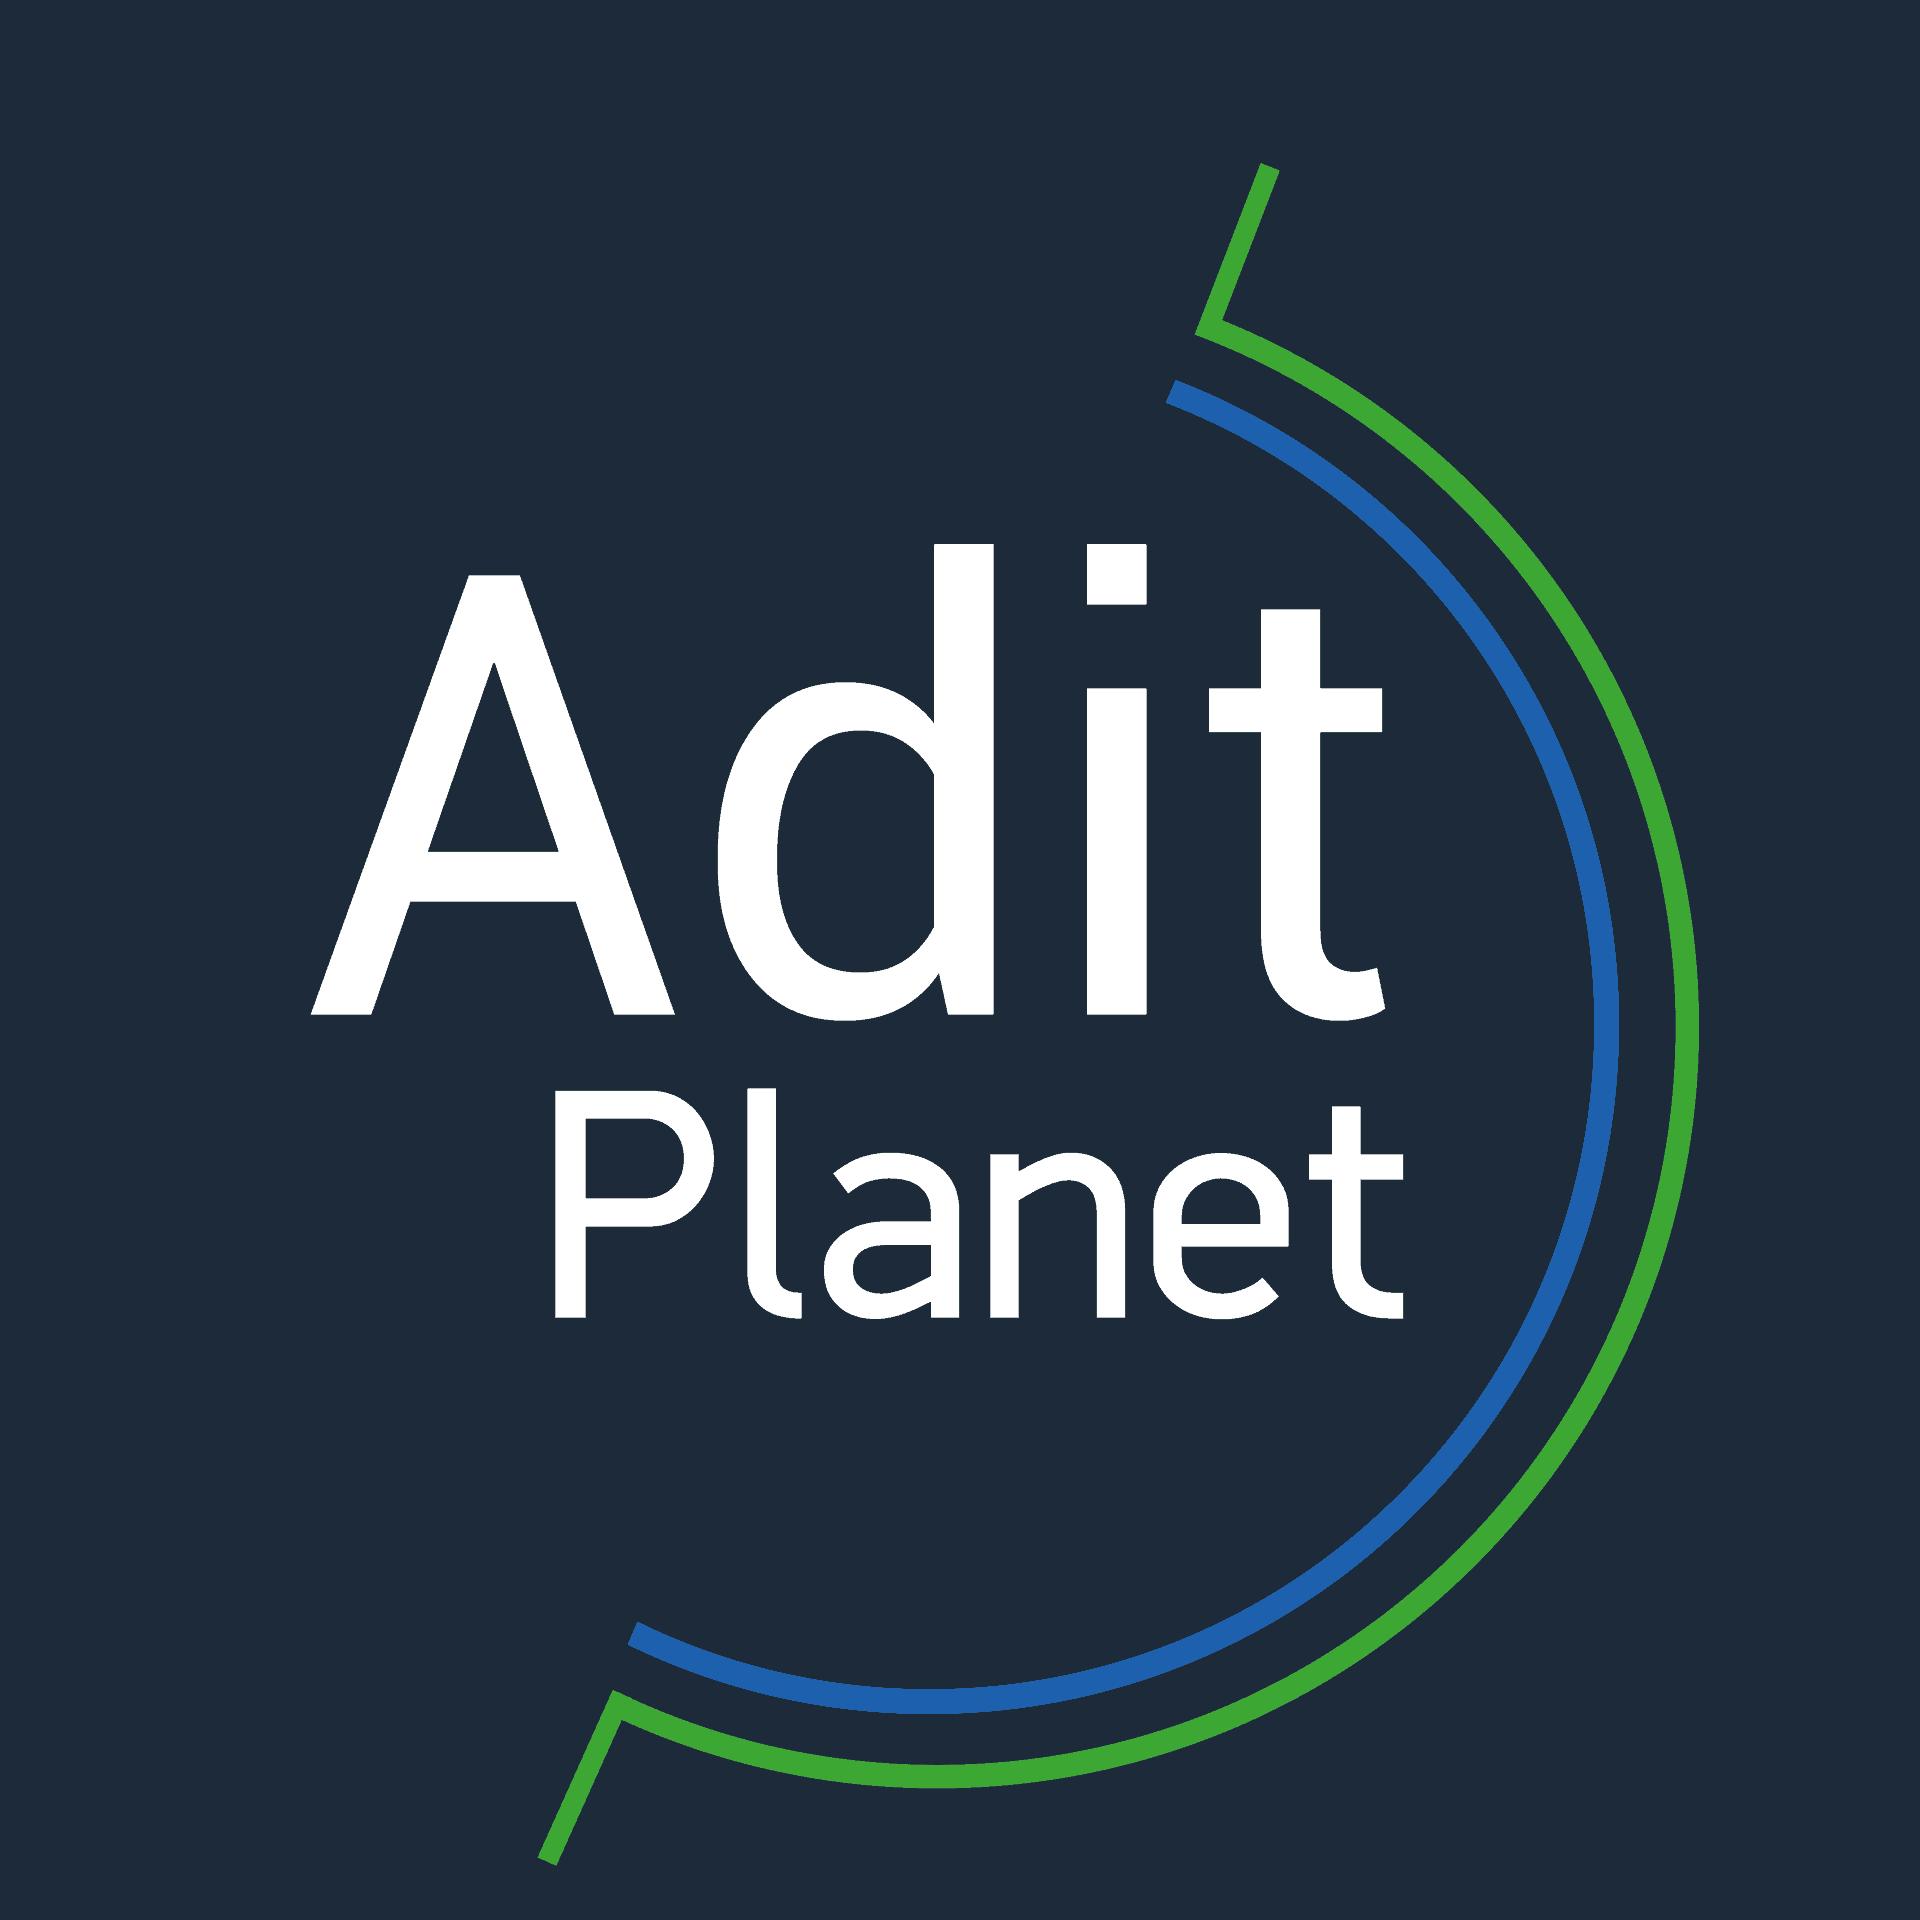 Your Adit Planet Ltd